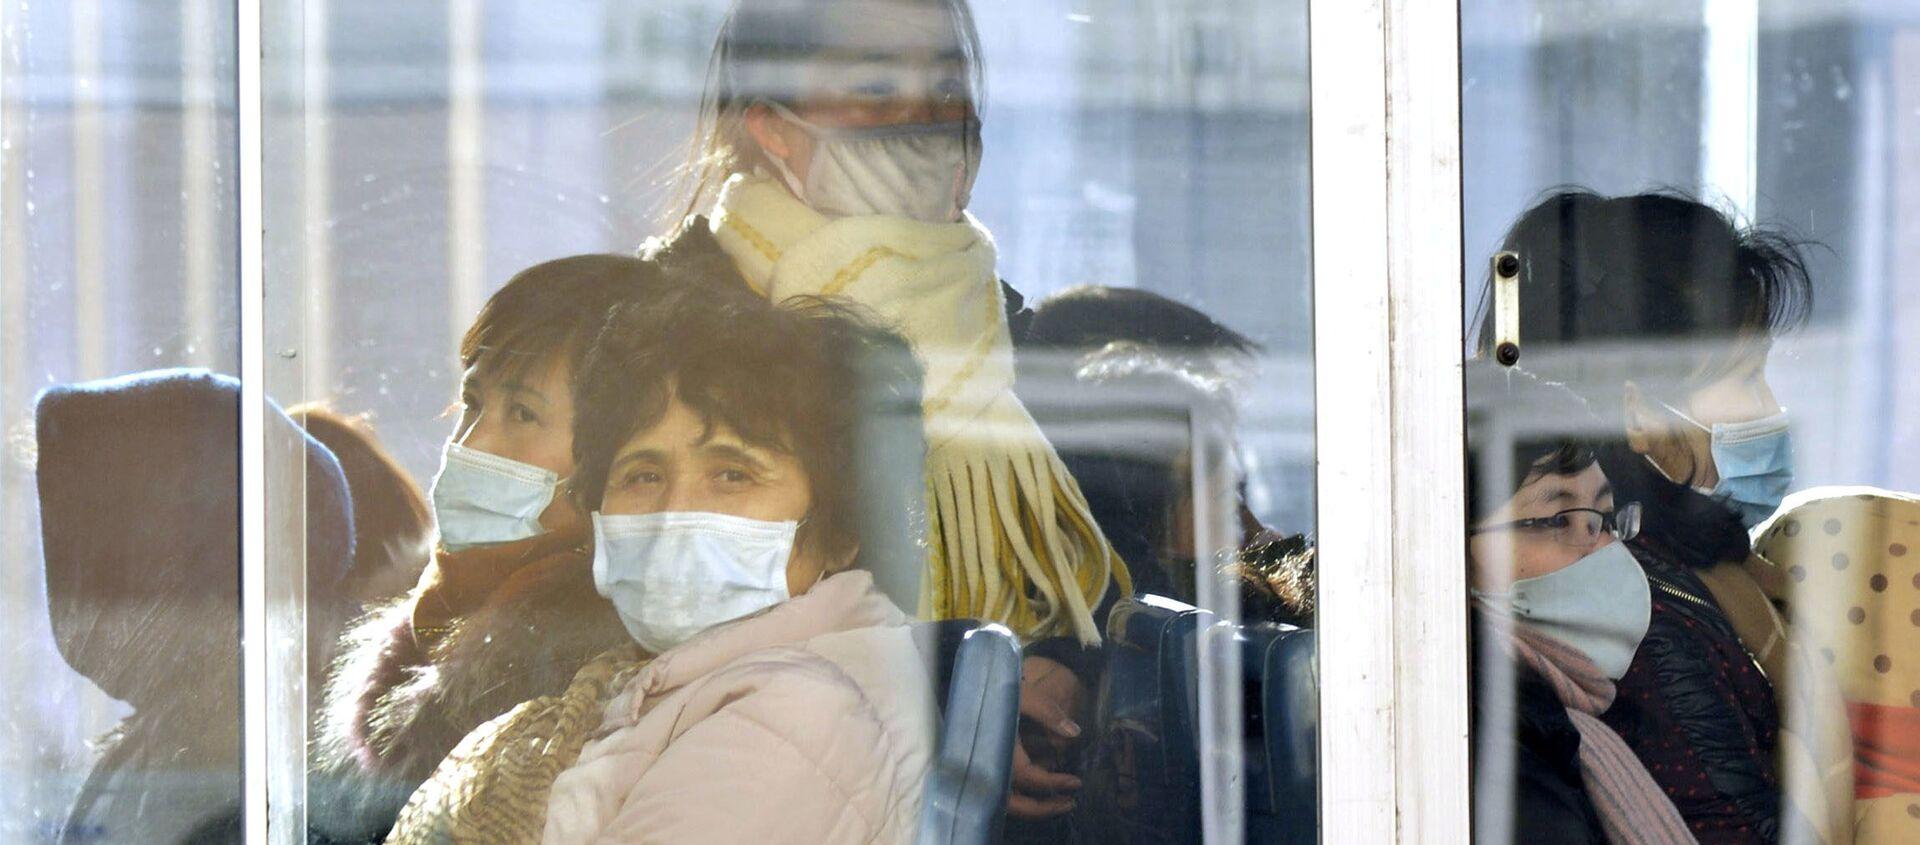 Hành khách xe buýt trong mặt nạ y tế. Bắc Triều Tiên - Sputnik Việt Nam, 1920, 02.04.2020